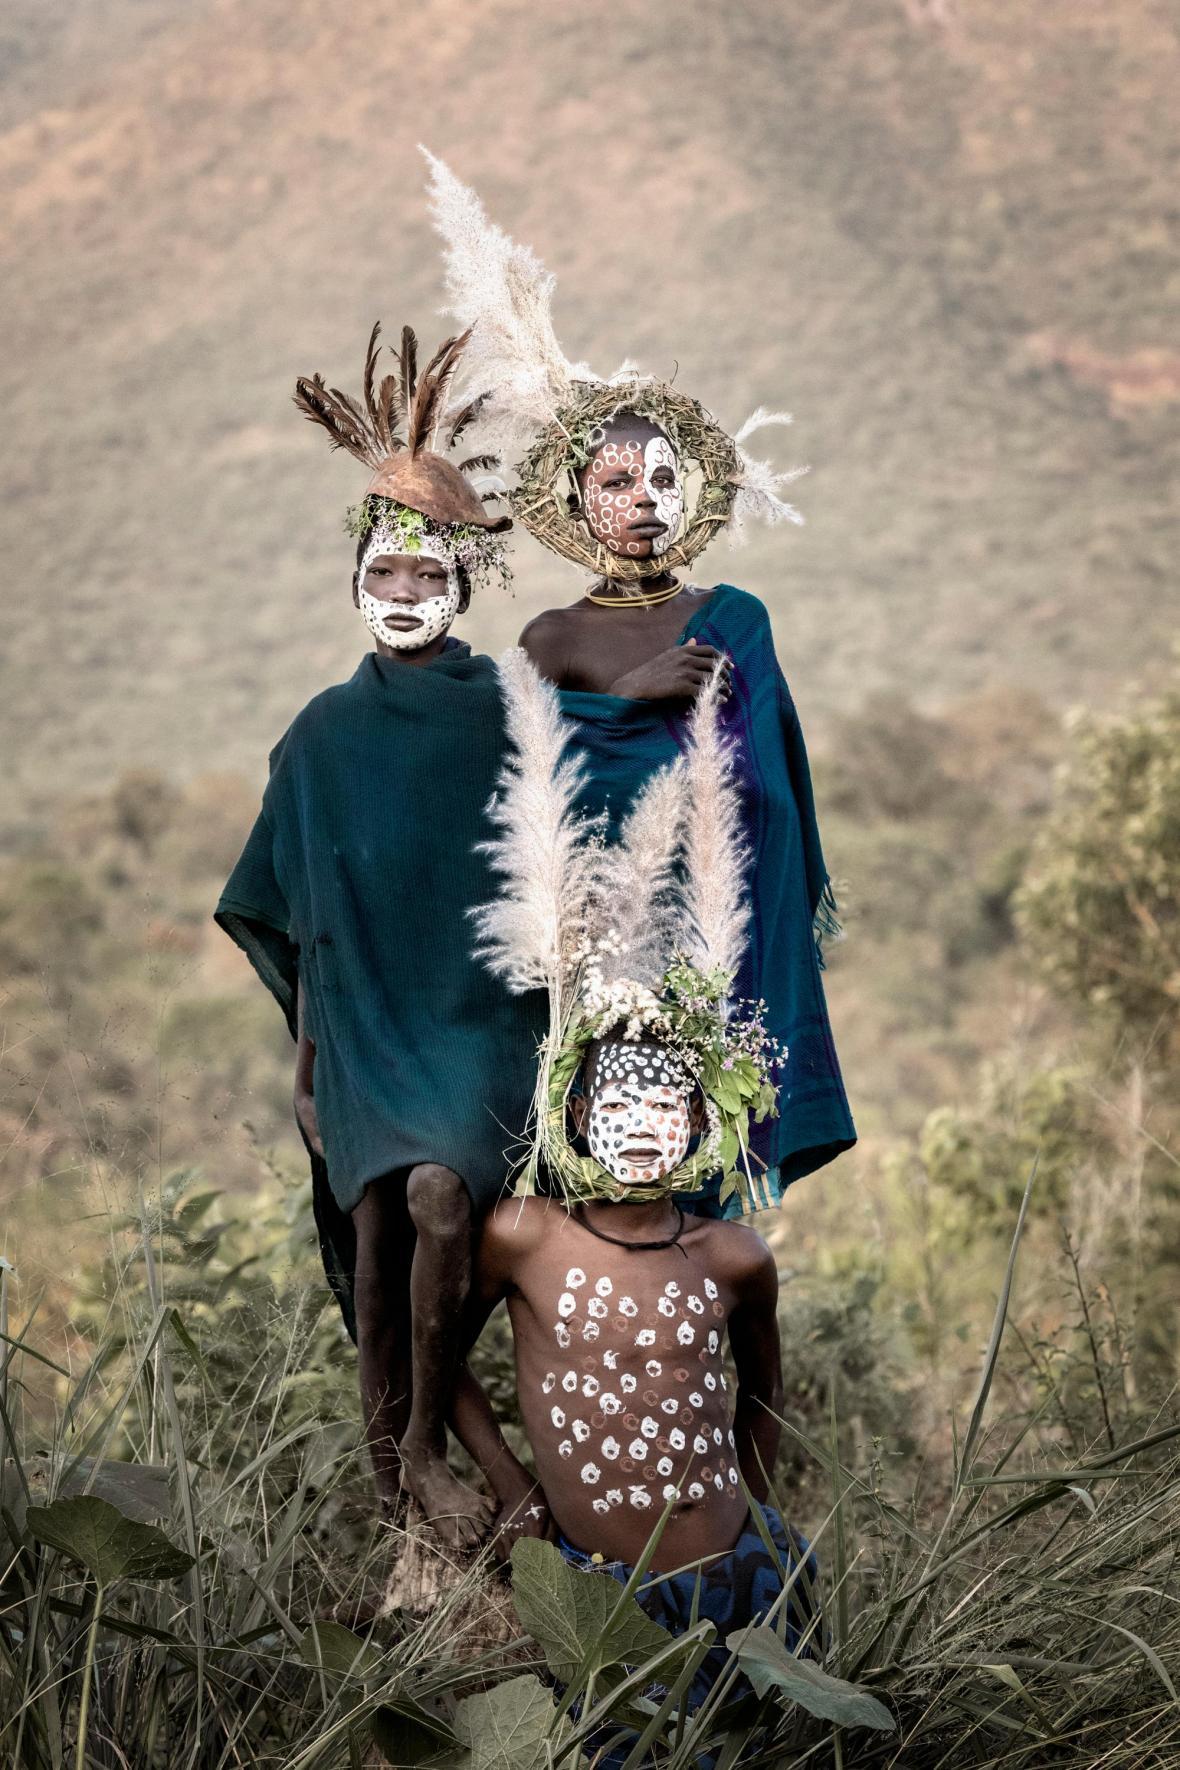 Τρία αγόρια της φυλής των Σούρι, στην Αιθιοπία, με την παραδοσιακή τους στολή